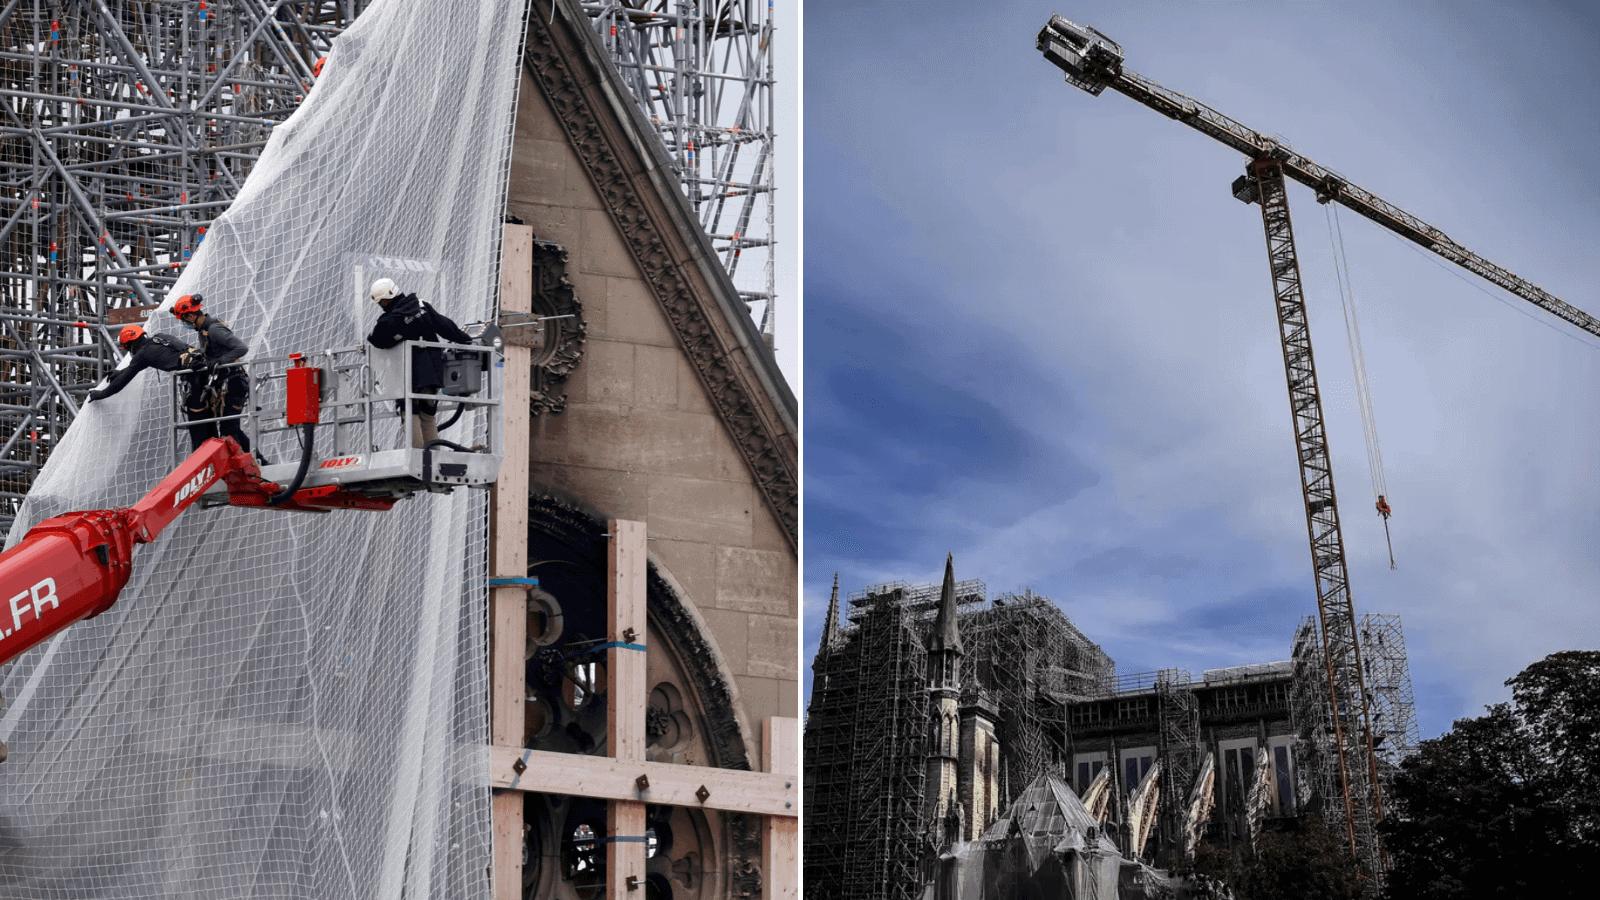 [FOTOS] Así se vivió la retirada del andamio, un día clave en la etapa de restauración de Notre Dame 3